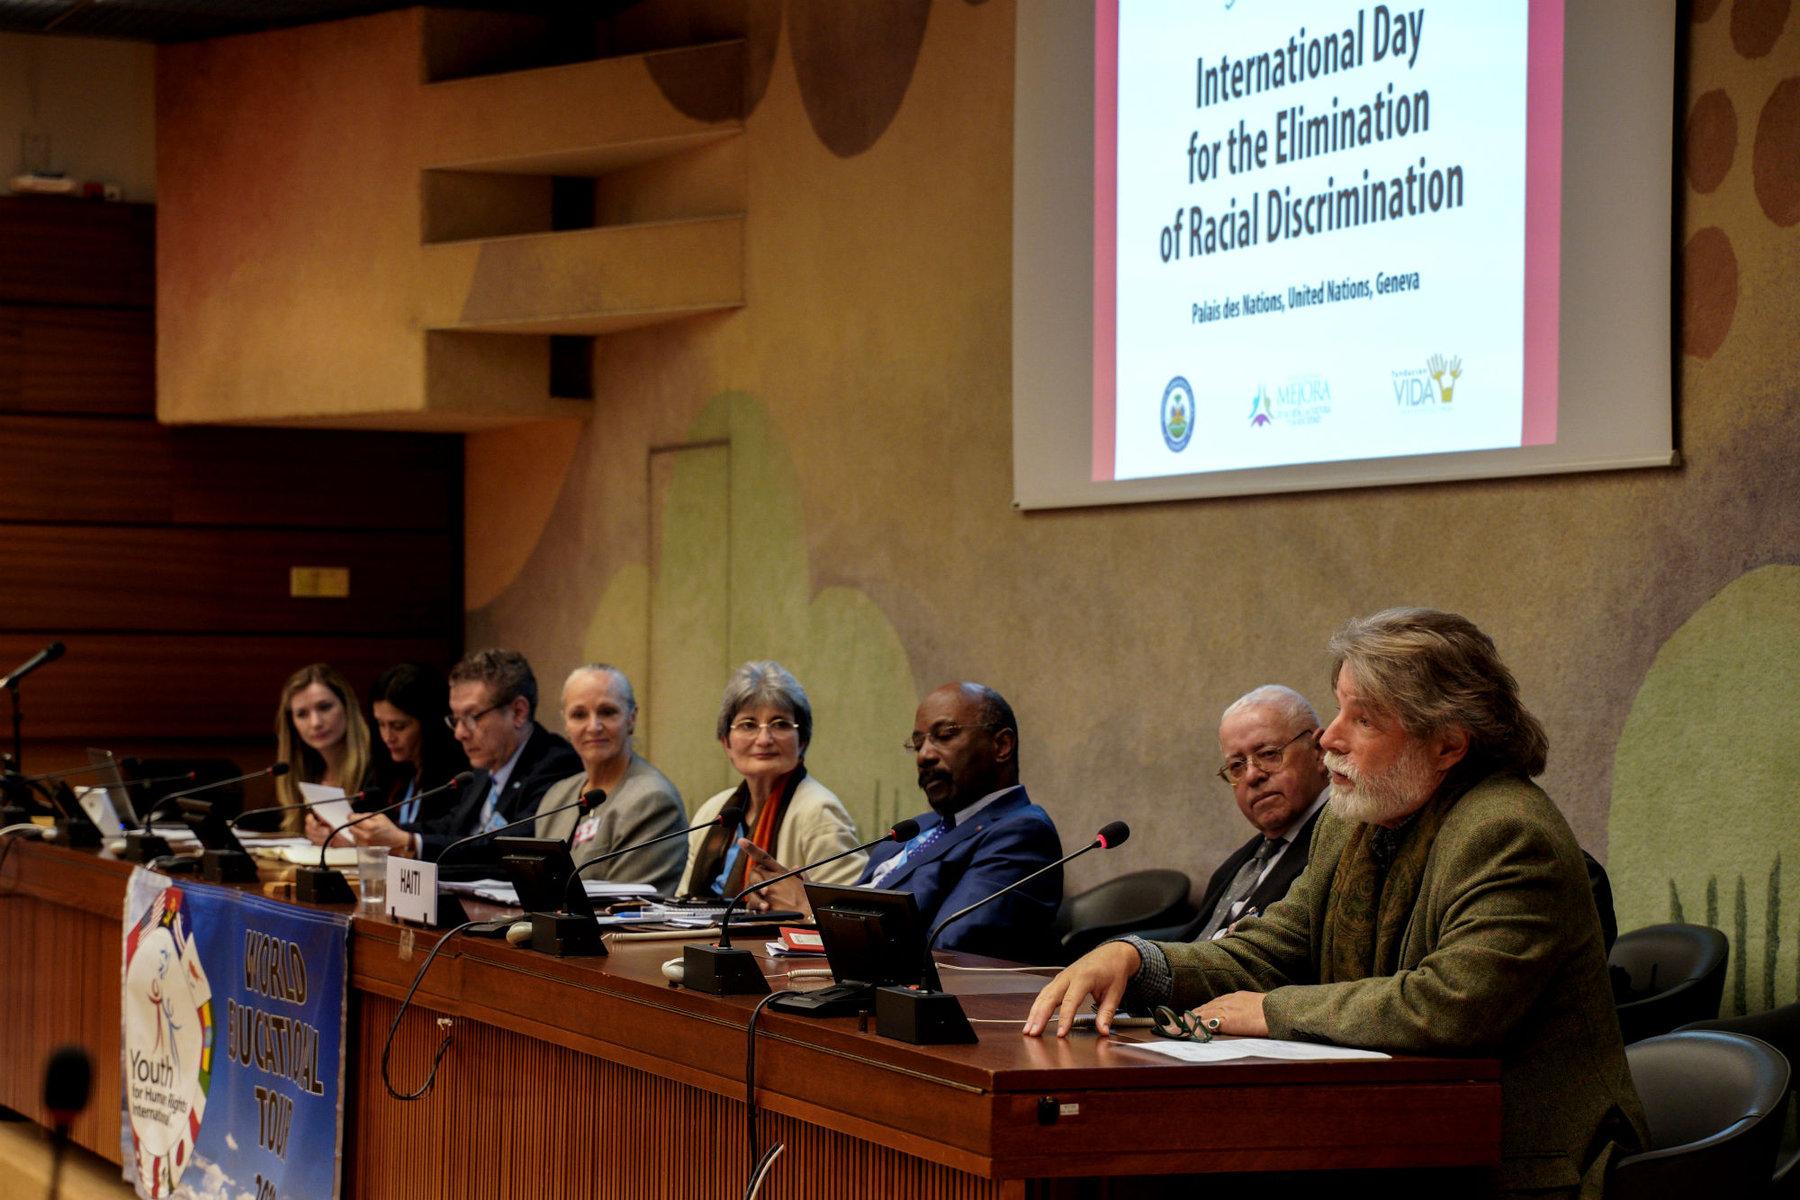 La Tournée mondiale pour l'éducation aux droits présente à une conférence à l'ONU